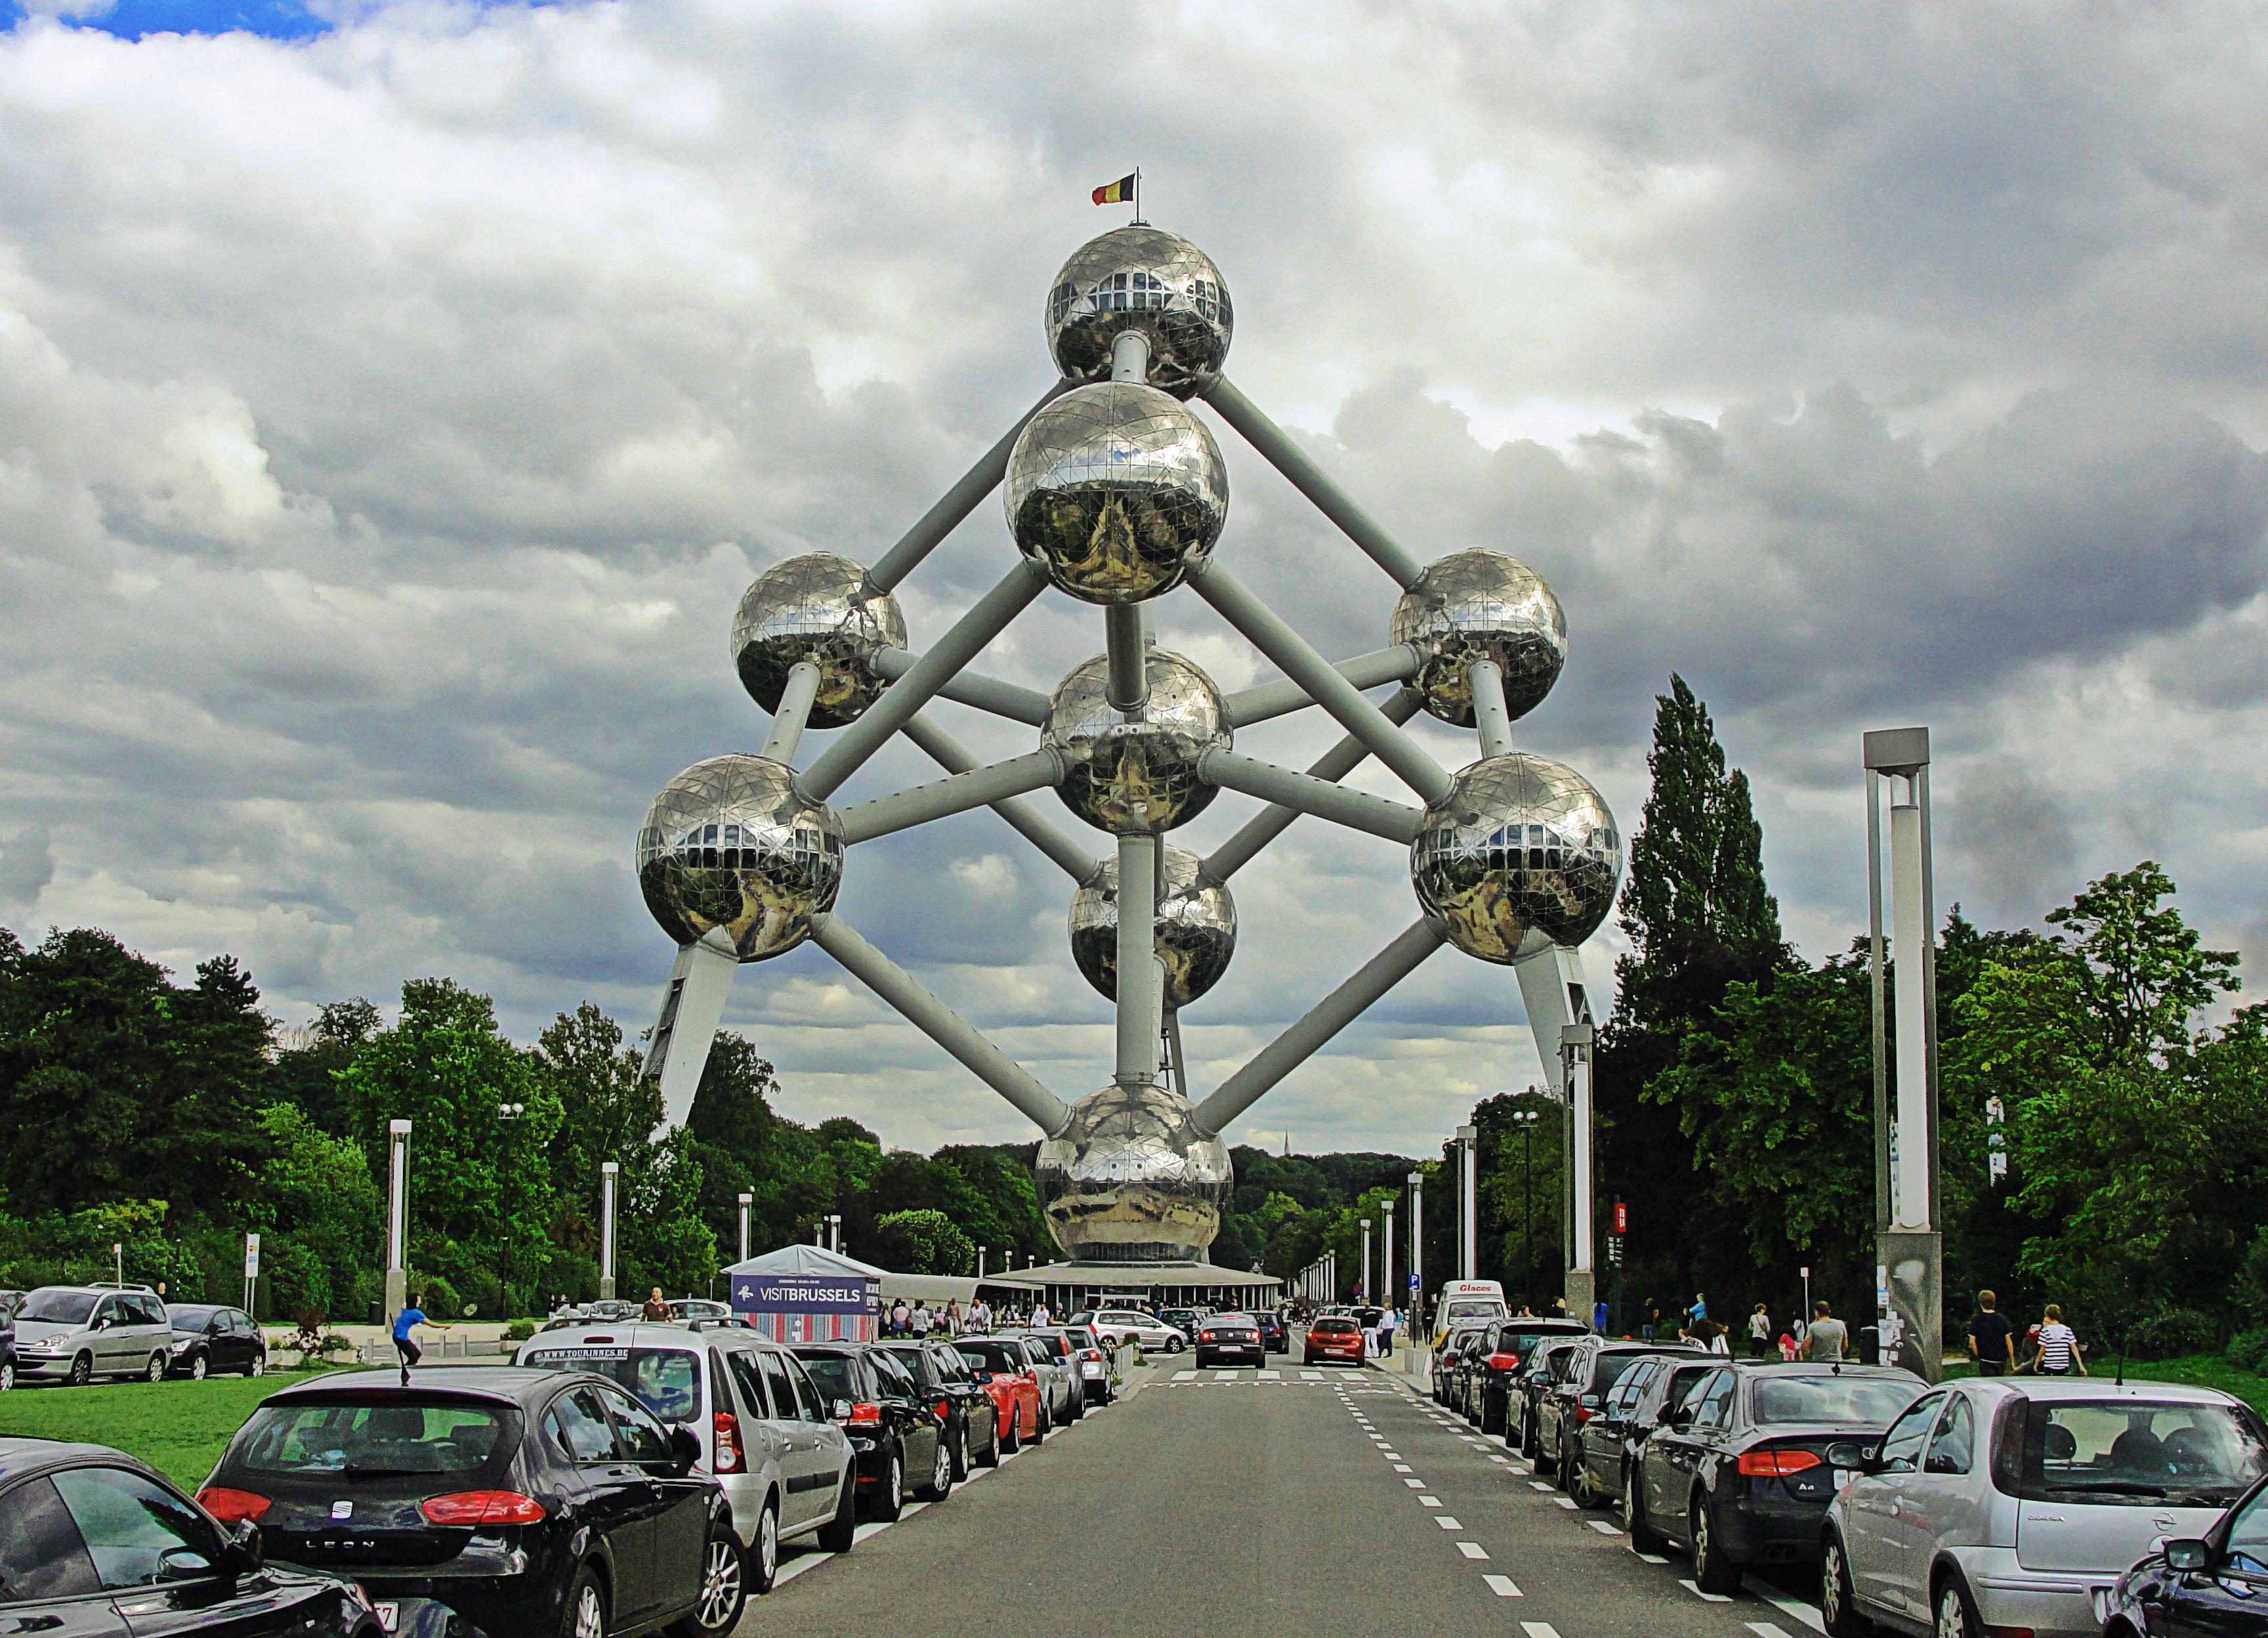 Gratis Afbeeldingen : monument, recreatie, attractiepark, park ...